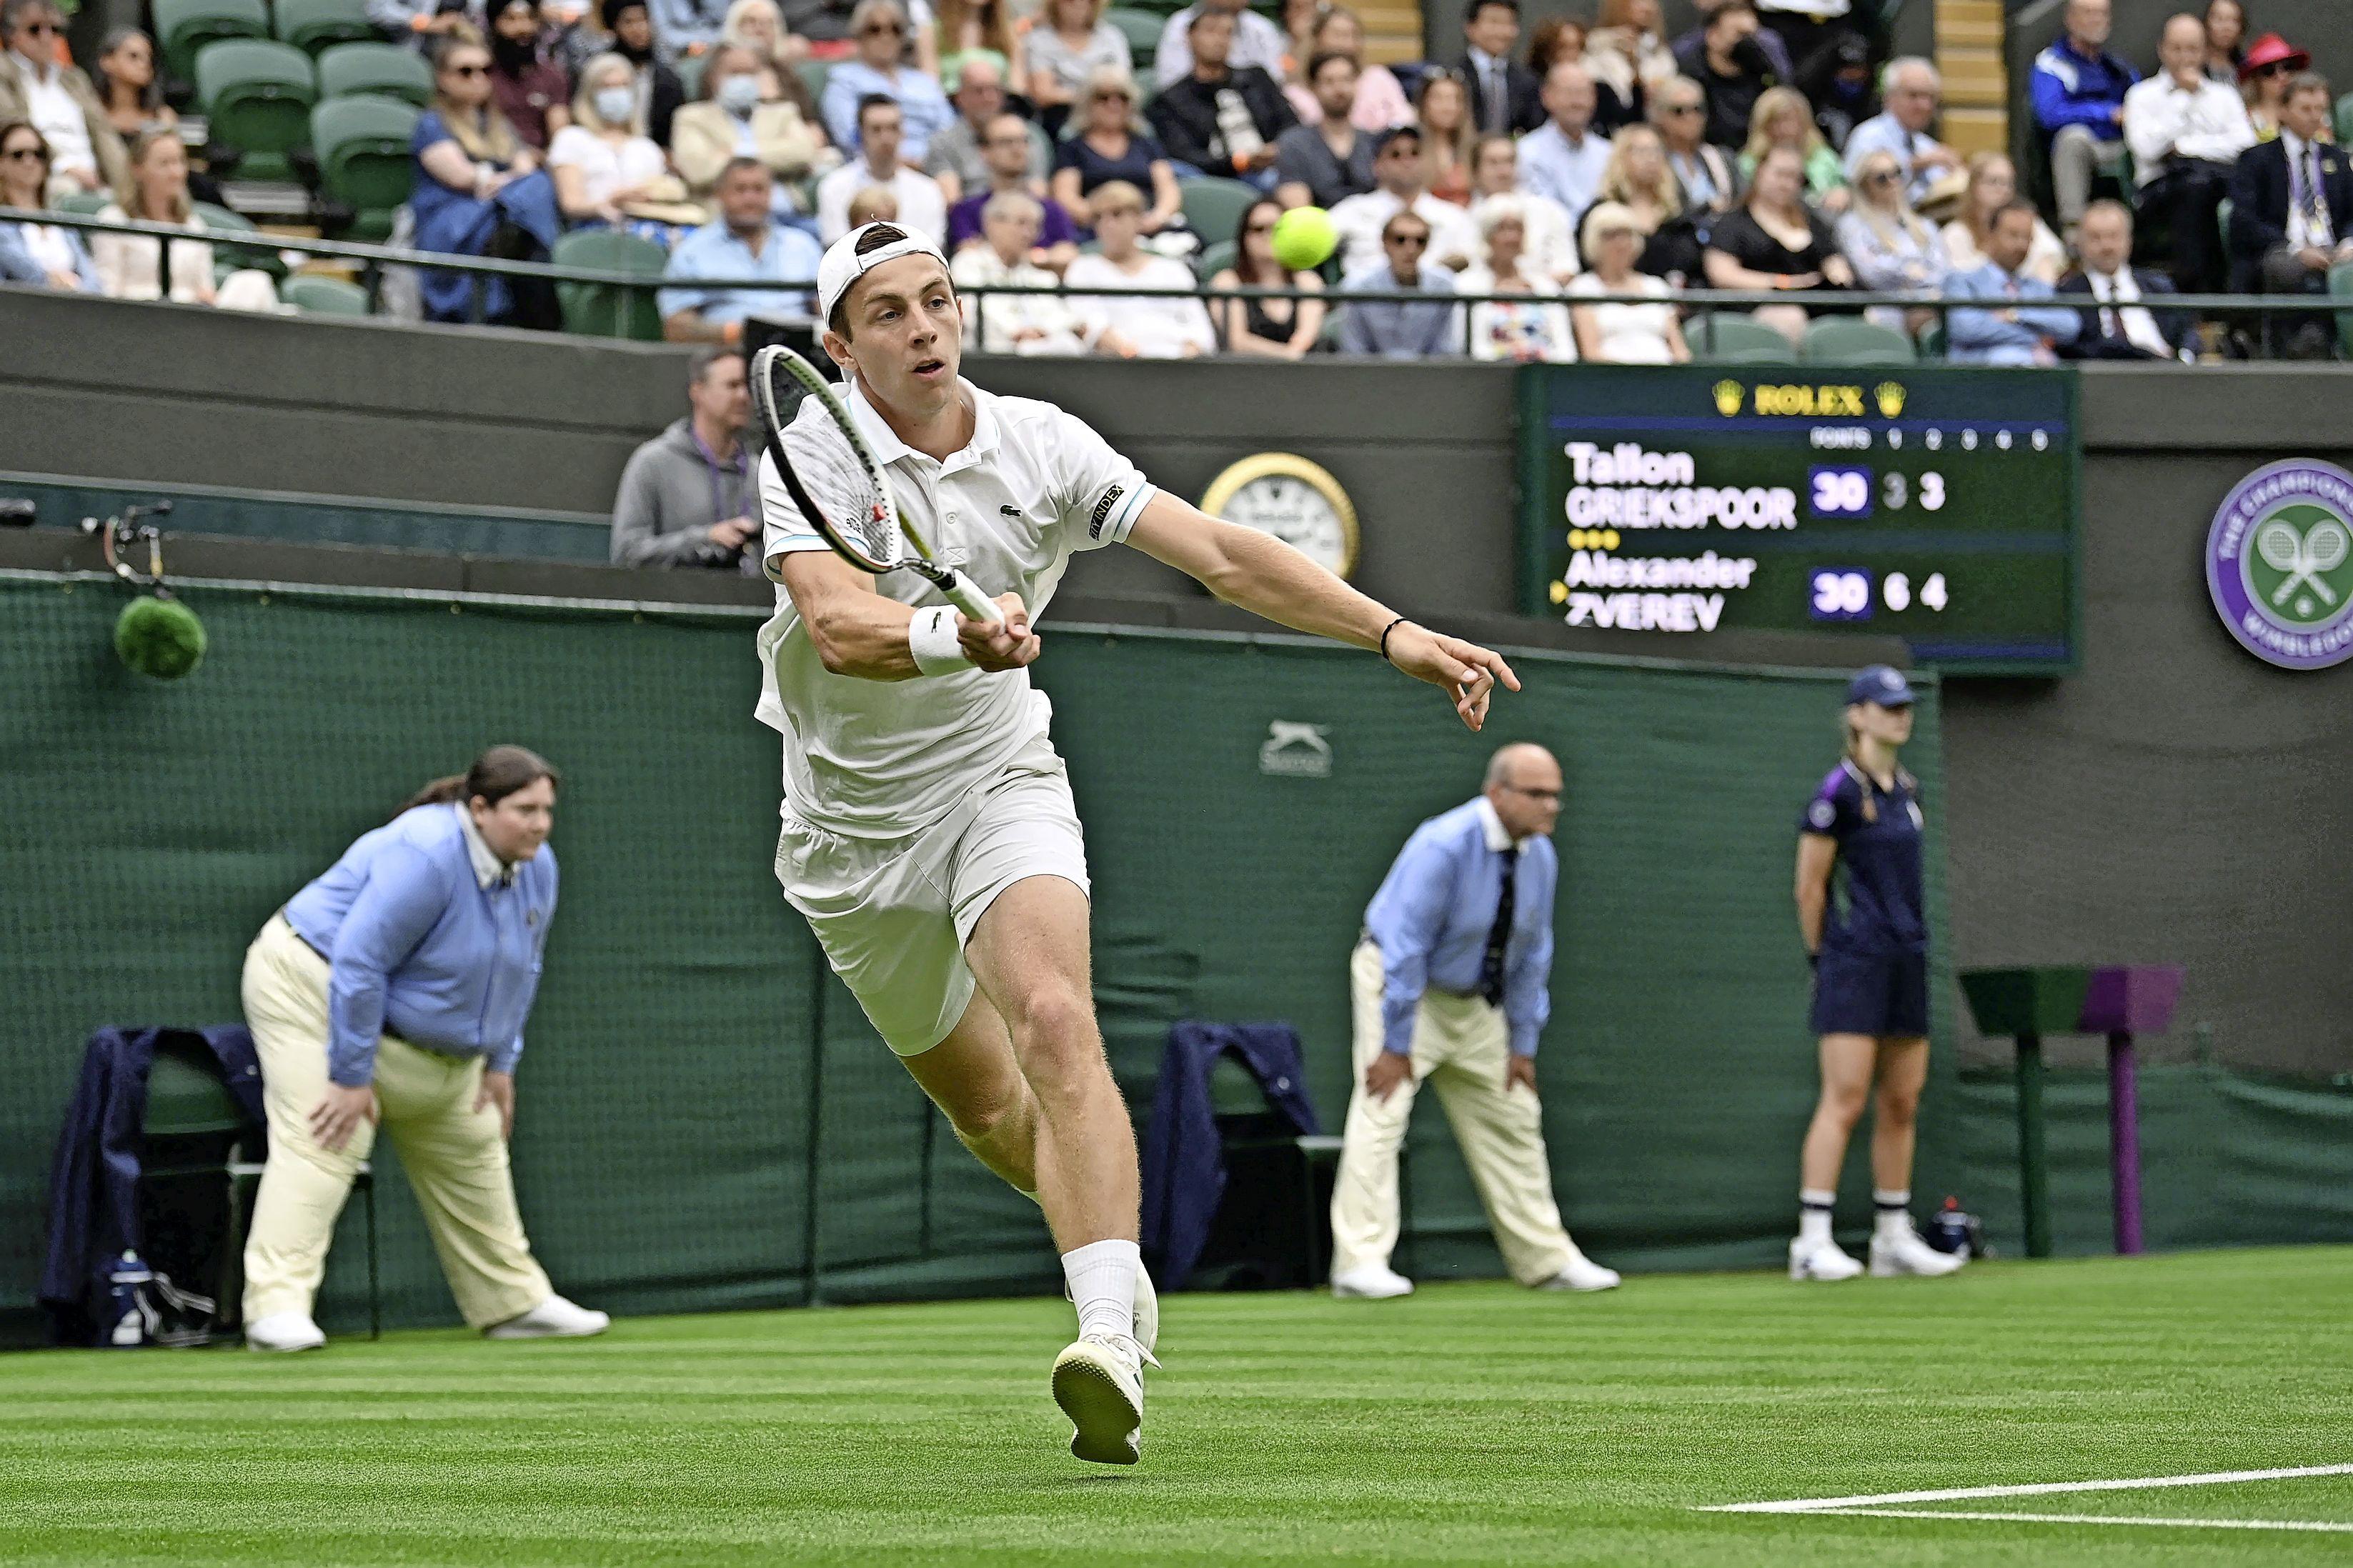 Stunt tegen Zverev zit er niet in; Boris Becker merkte al dat Wimbledon-debutant Tallon Griekspoor iets te veel onder de indruk was op Court 1 [video]